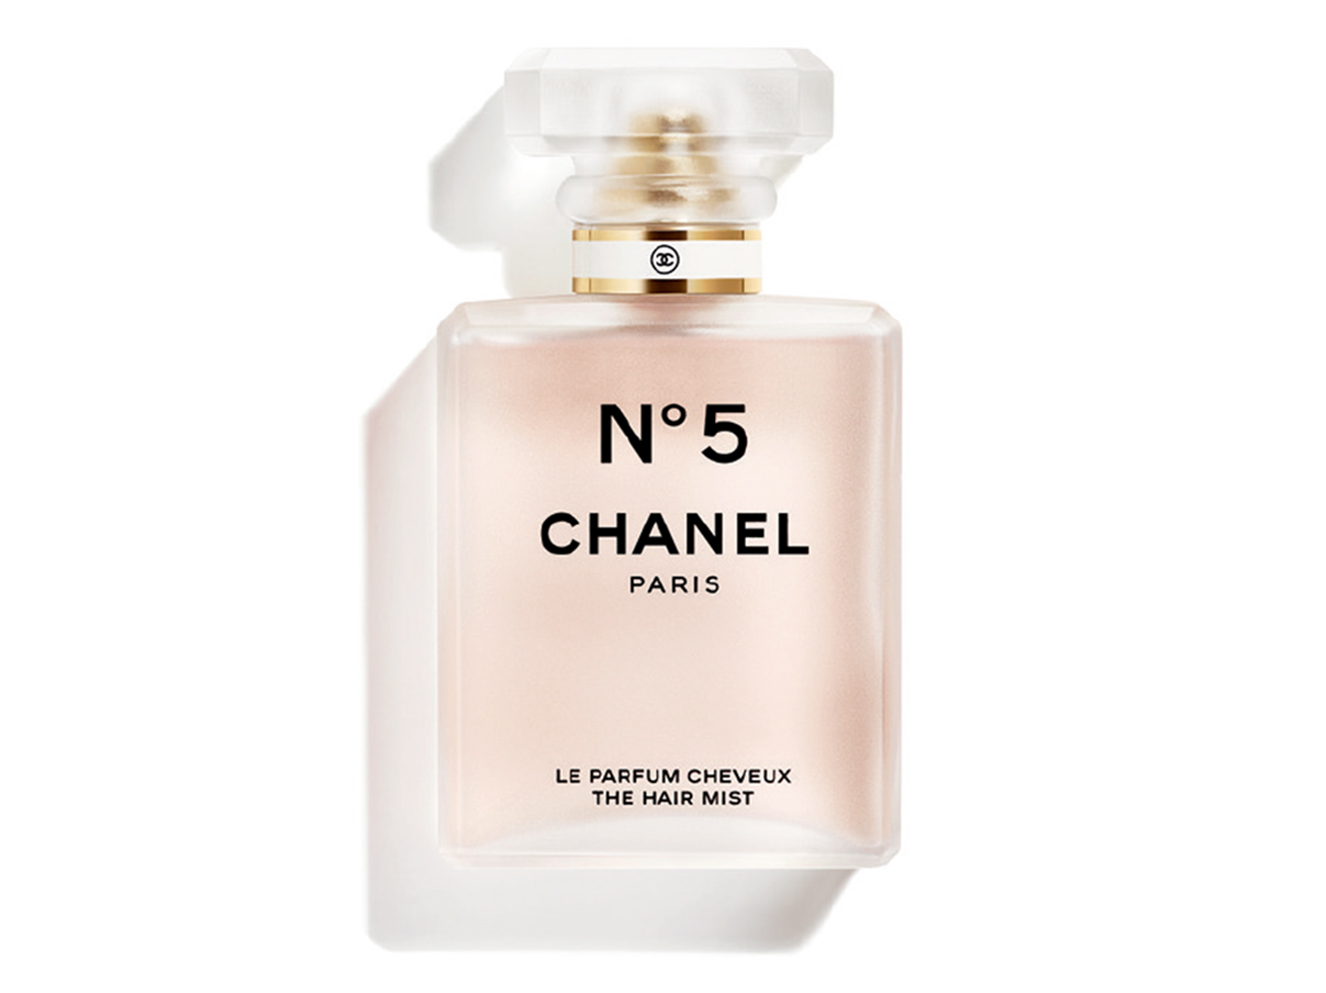 Le Parfum Cheveux Chanel.